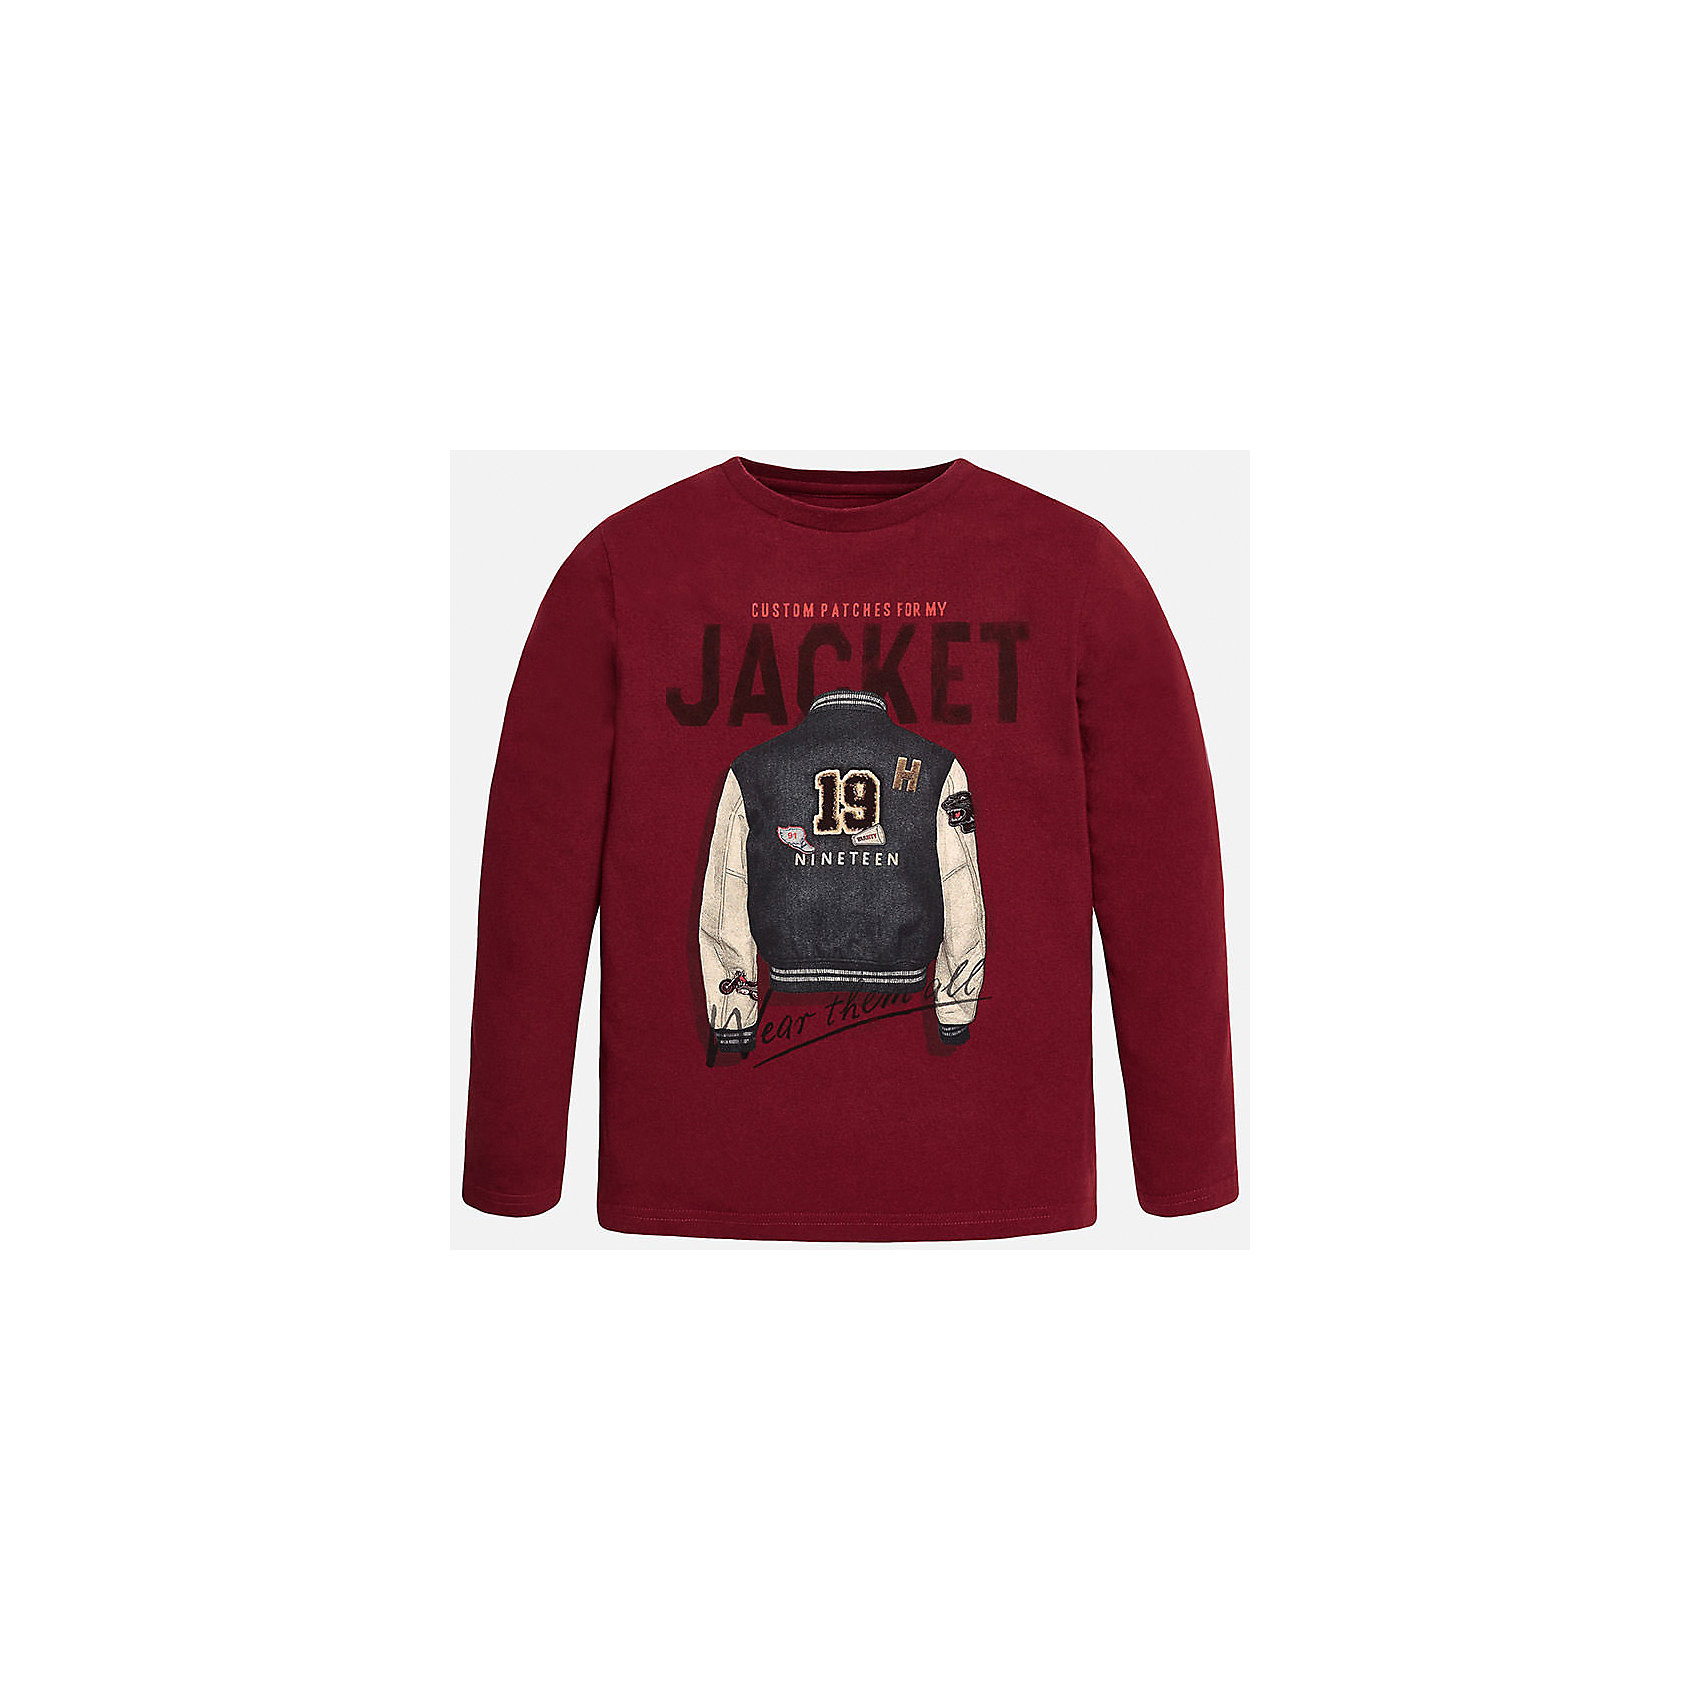 Футболка с длинным рукавом  для мальчика MayoralФутболки с длинным рукавом<br>Хлопковая футболка с длинными рукавами - это  базовая вещь в любом гардеробе. Благодаря длинным рукавам и легкому составу ткани, ее можно носить в любое время года, а яркий орнамент, подчеркнет индивидуальный стиль Вашего ребенка!<br><br>Дополнительная информация:<br><br>- Крой: прямой крой.<br>- Страна бренда: Испания.<br>- Состав: хлопок 100%.<br>- Цвет: вишневый.<br>- Уход: бережная стирка при 30 градусах.<br><br>Купить футболку с длинным рукавом для мальчика, от  Mayoral, можно в нашем магазине.<br><br>Ширина мм: 230<br>Глубина мм: 40<br>Высота мм: 220<br>Вес г: 250<br>Цвет: бордовый<br>Возраст от месяцев: 156<br>Возраст до месяцев: 168<br>Пол: Мужской<br>Возраст: Детский<br>Размер: 158/164,128/134,164/170,158/164,146/152,140/146<br>SKU: 4826701